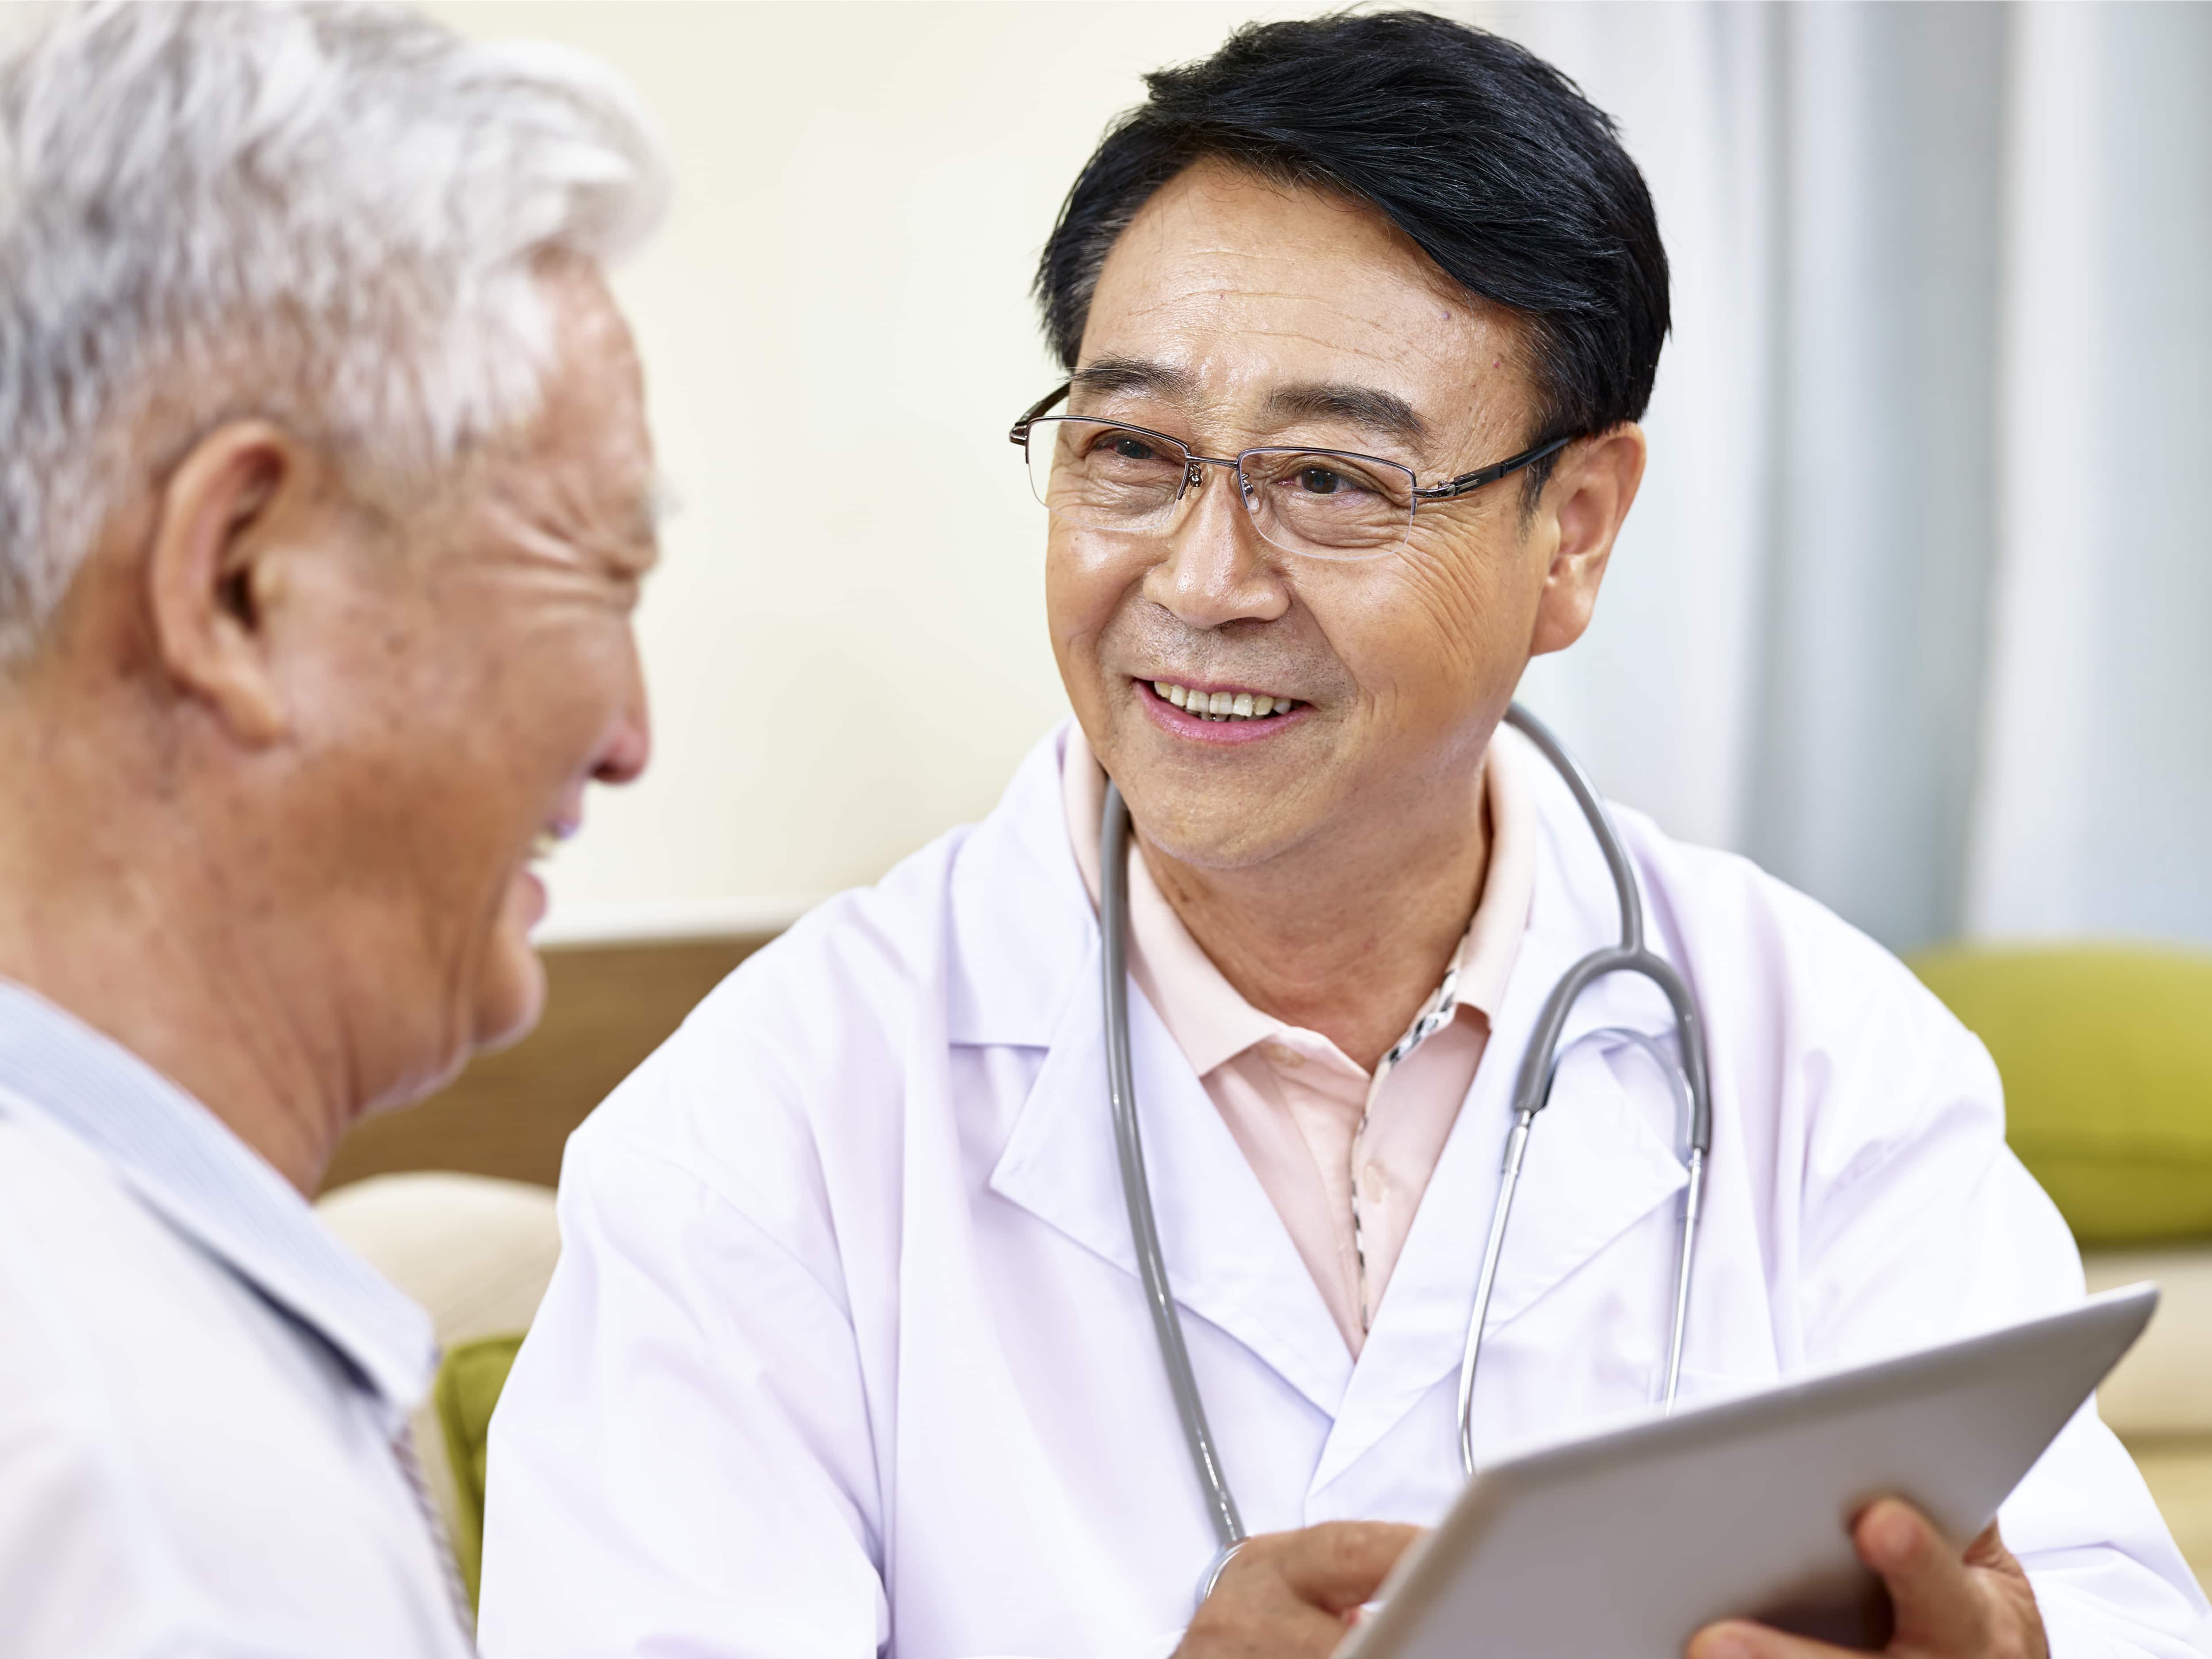 50歲以上市民建議每年進行一次大便隱血測試